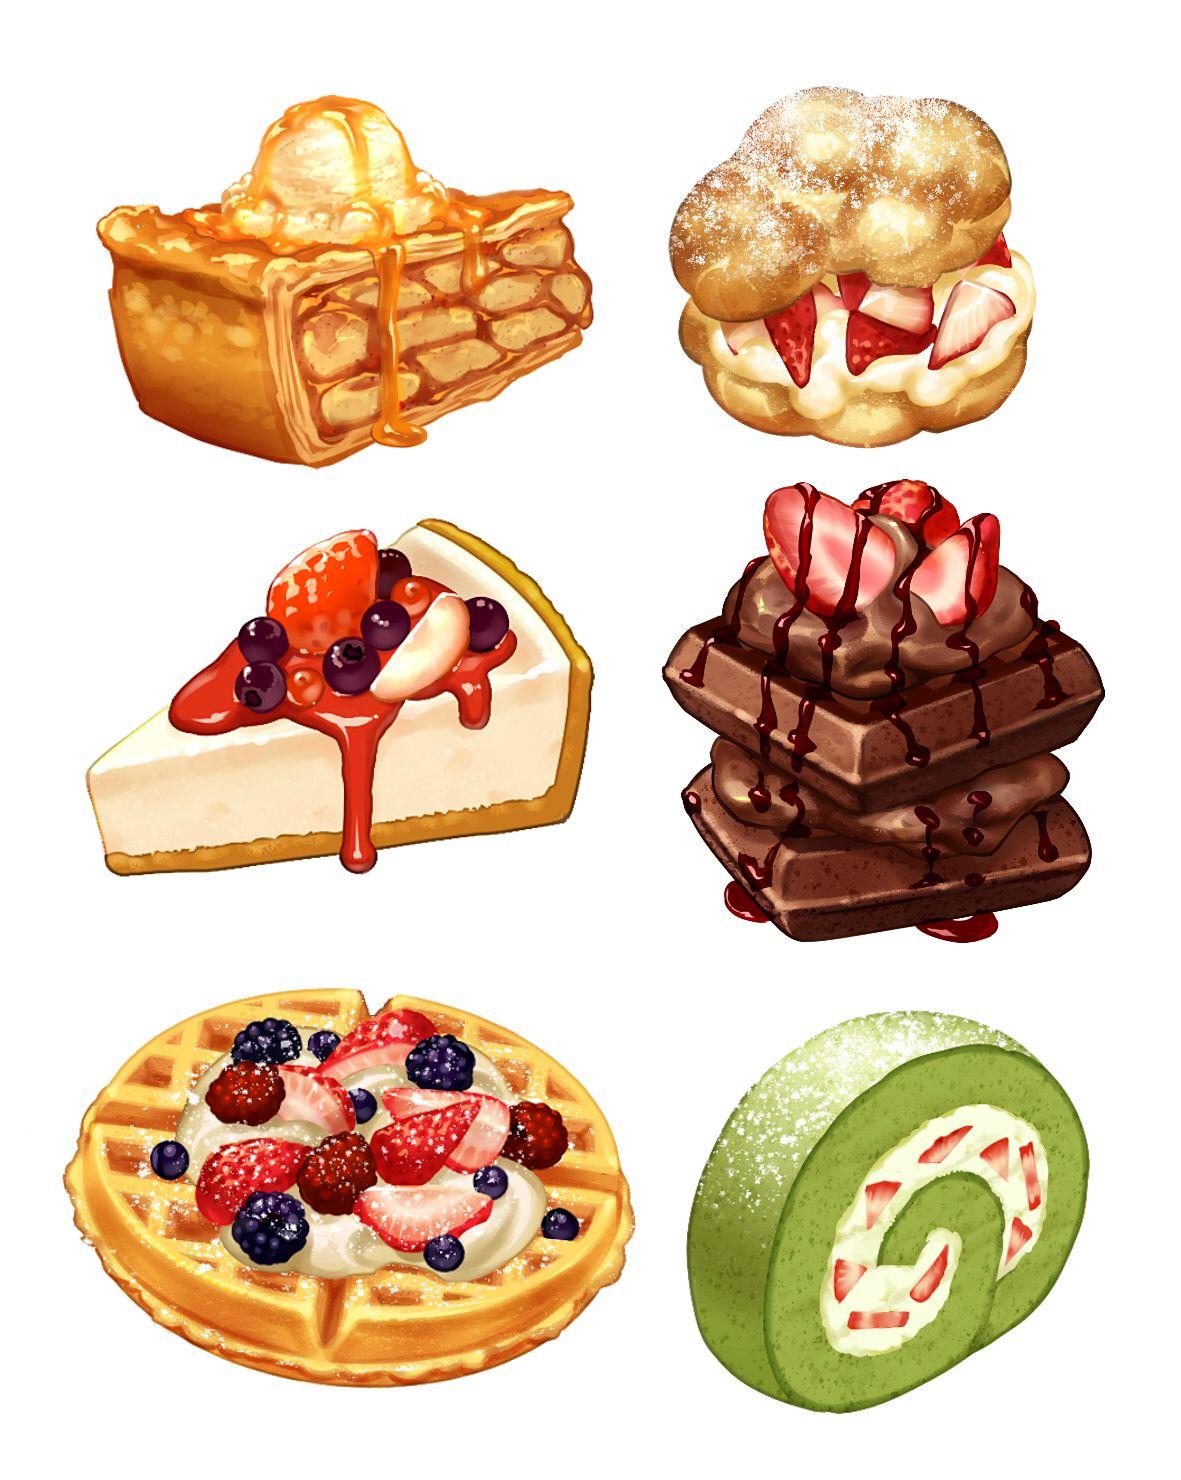 맛있는 음식 일러스트 Google Search 음식 일러스트 수채화 음식 음식 스케치